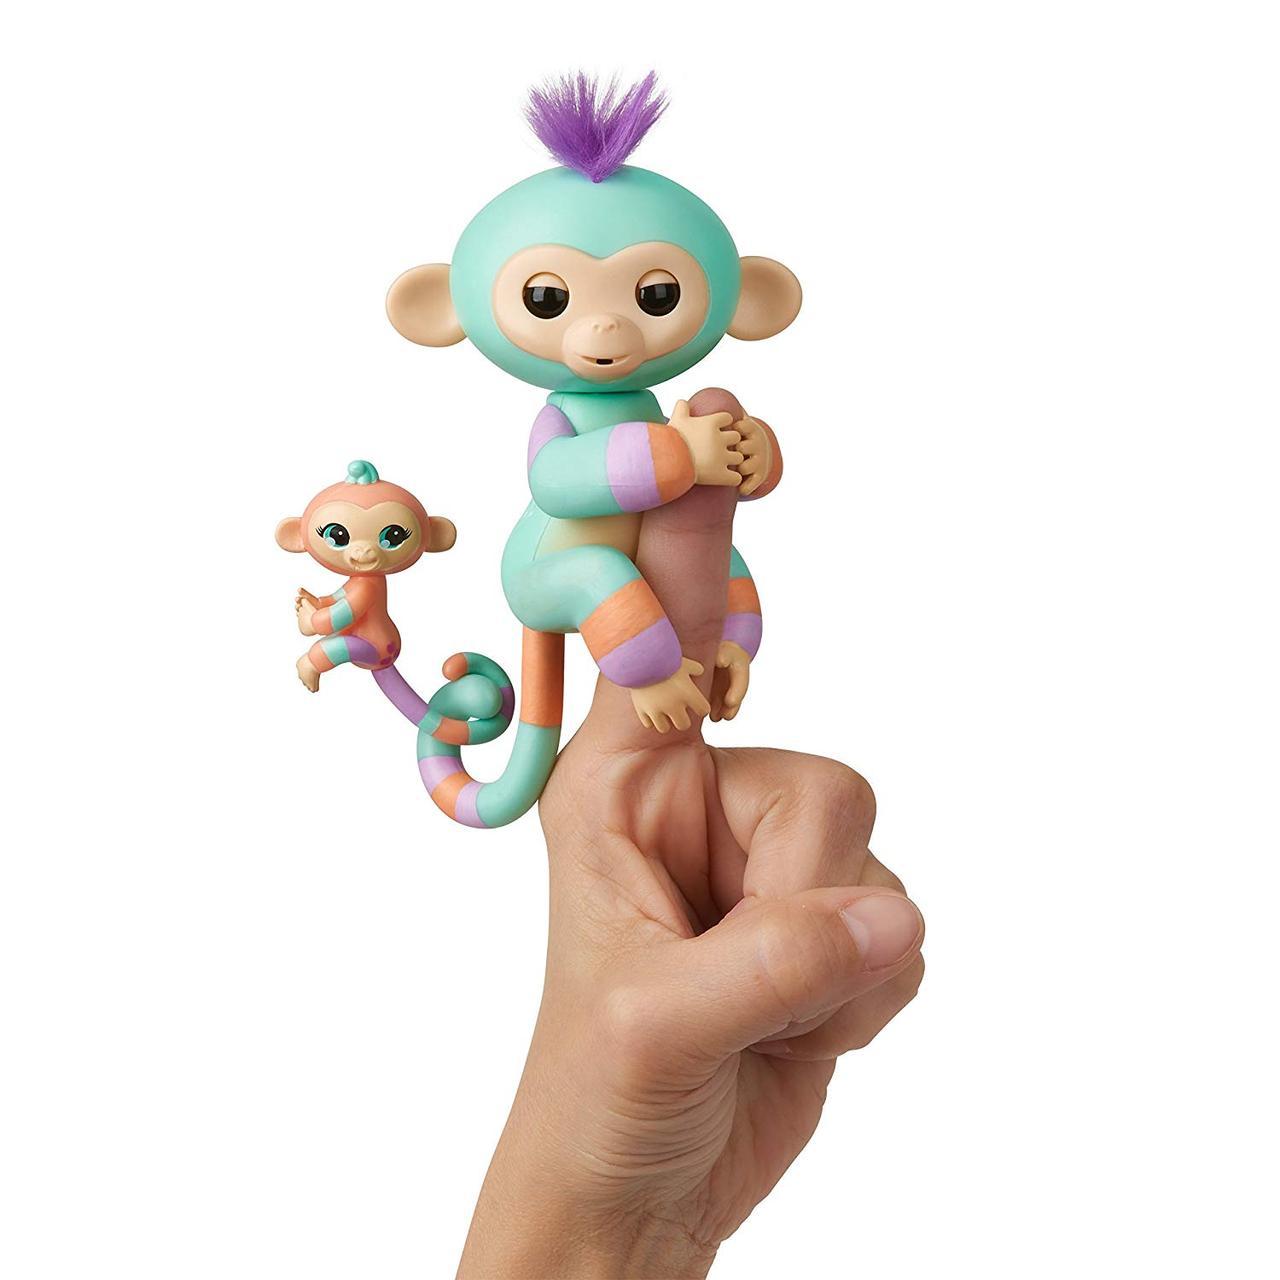 Інтерактивна гламурна мавпочка Денні з міні-мавпочкою, Оригінал WowWee